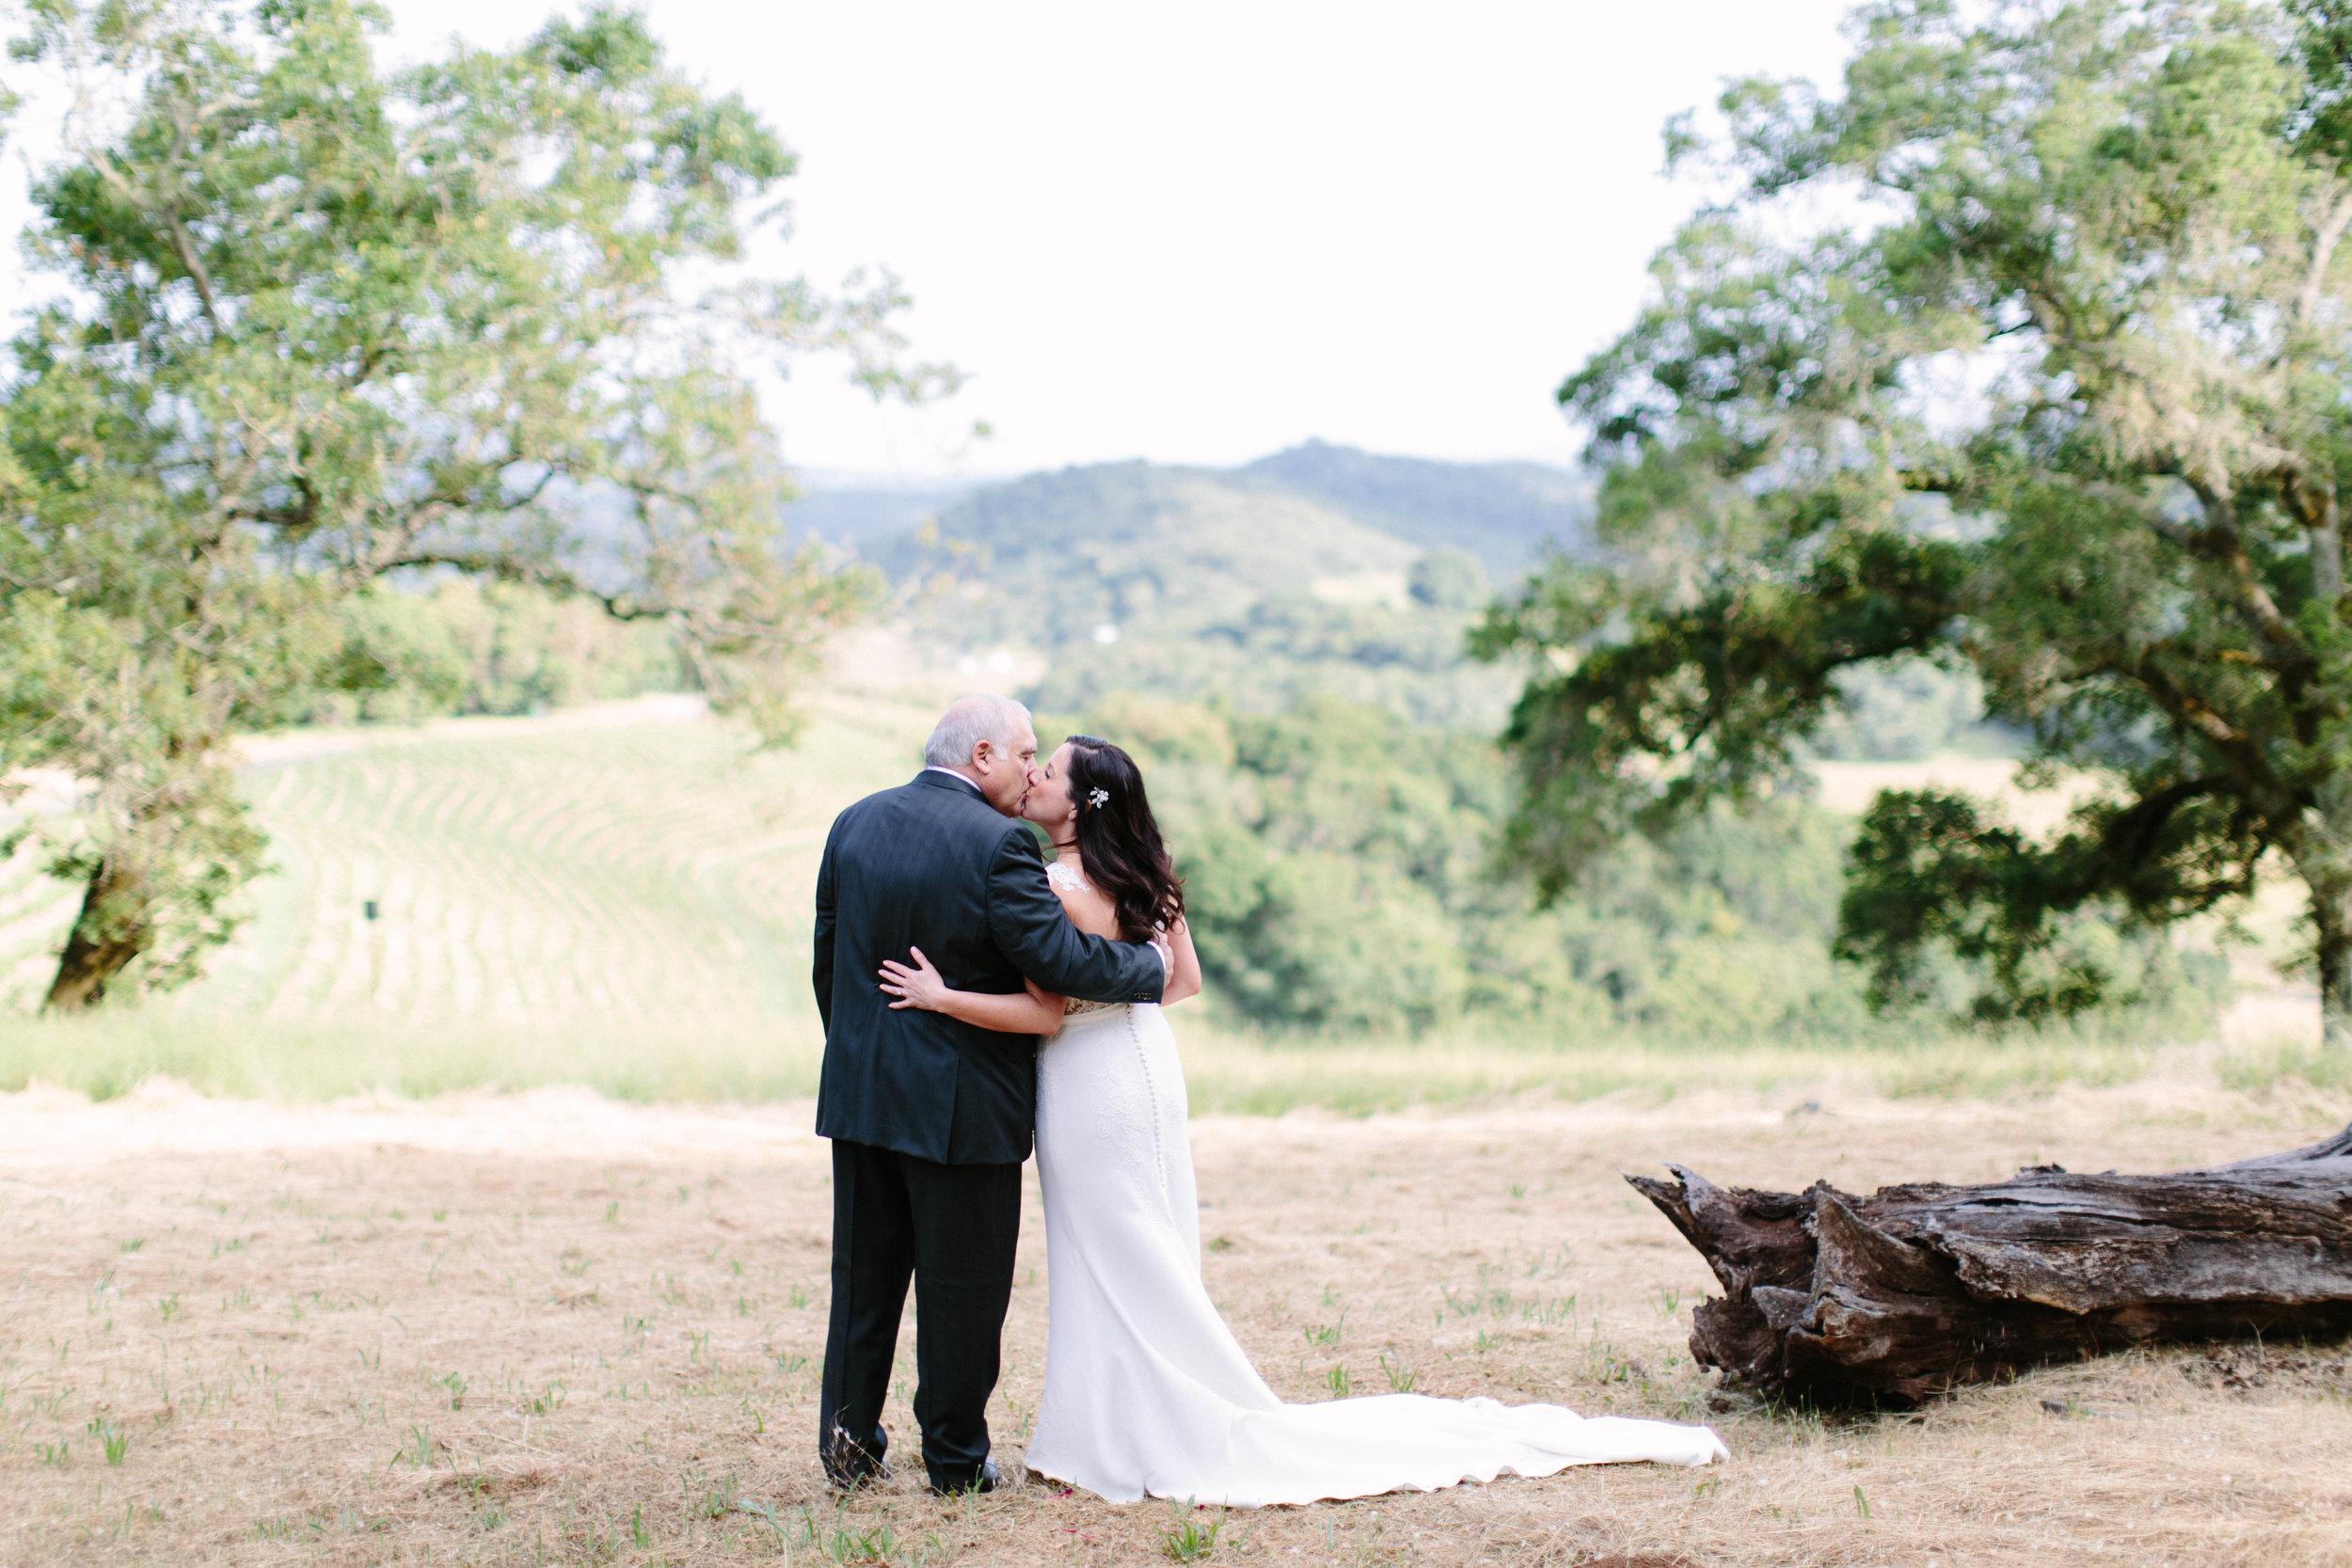 Michelle & Dan | Sonoma | 5.6.17